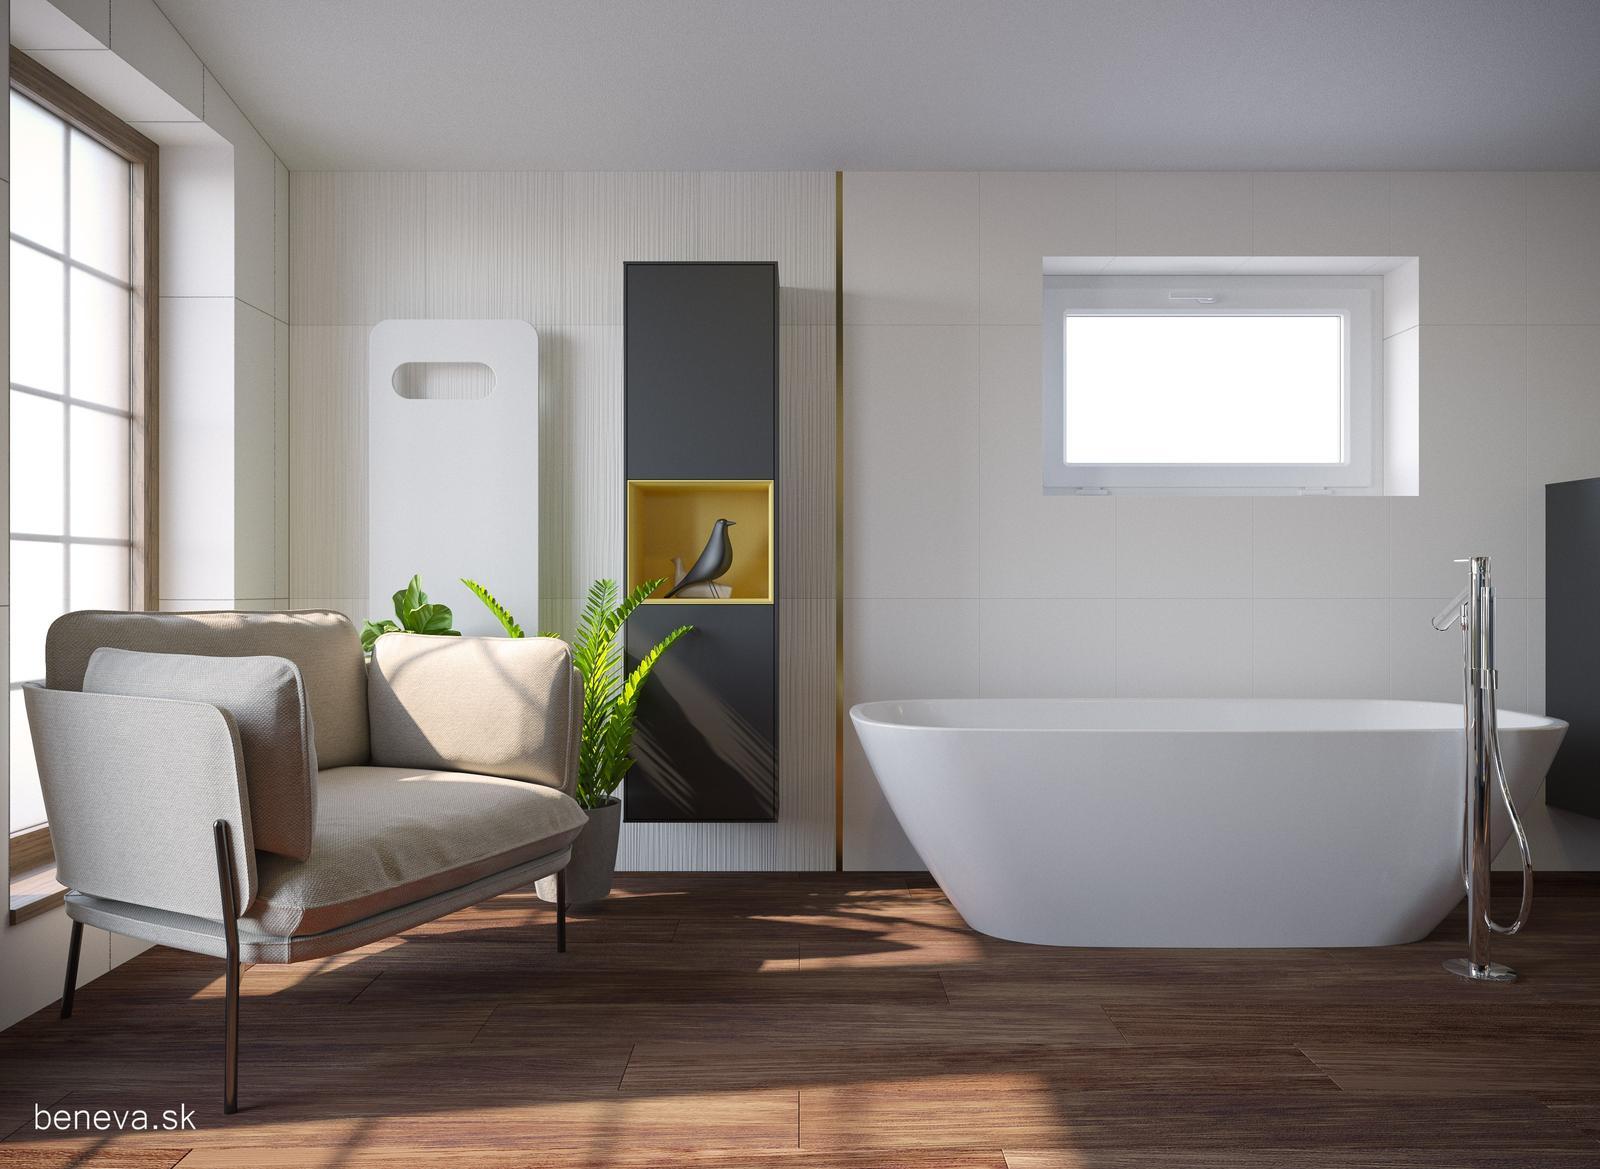 // Vizualizácia kúpeľne // - Obrázok č. 3